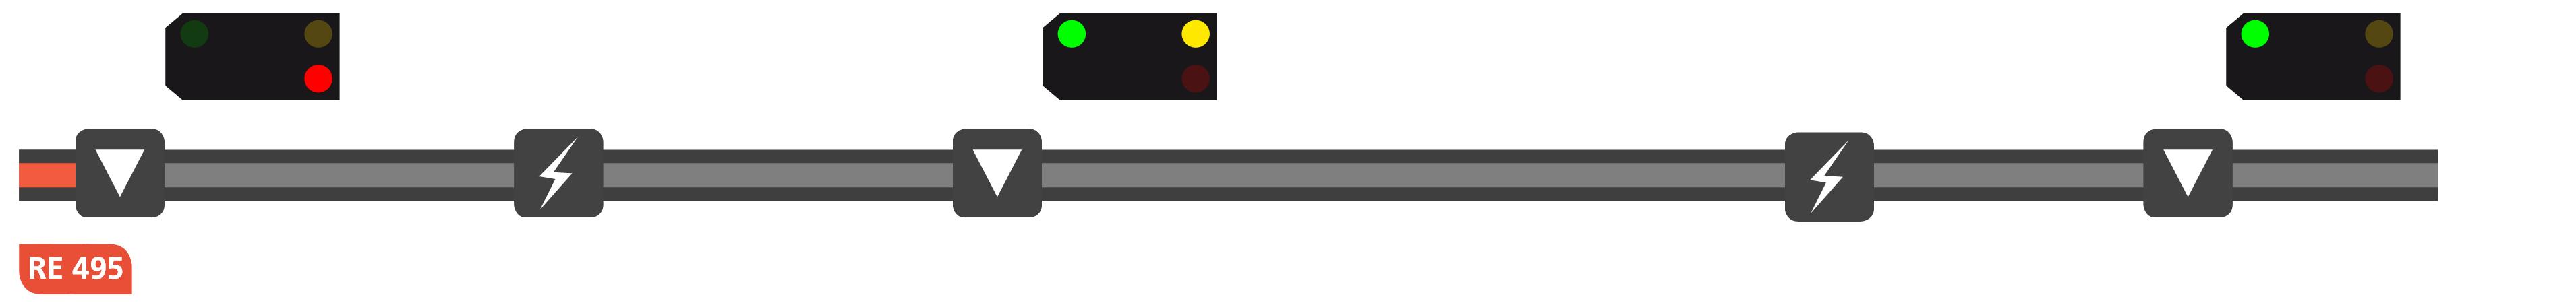 Visualisierung der ALAN Blocksignalisierung - Bild 16 von 18